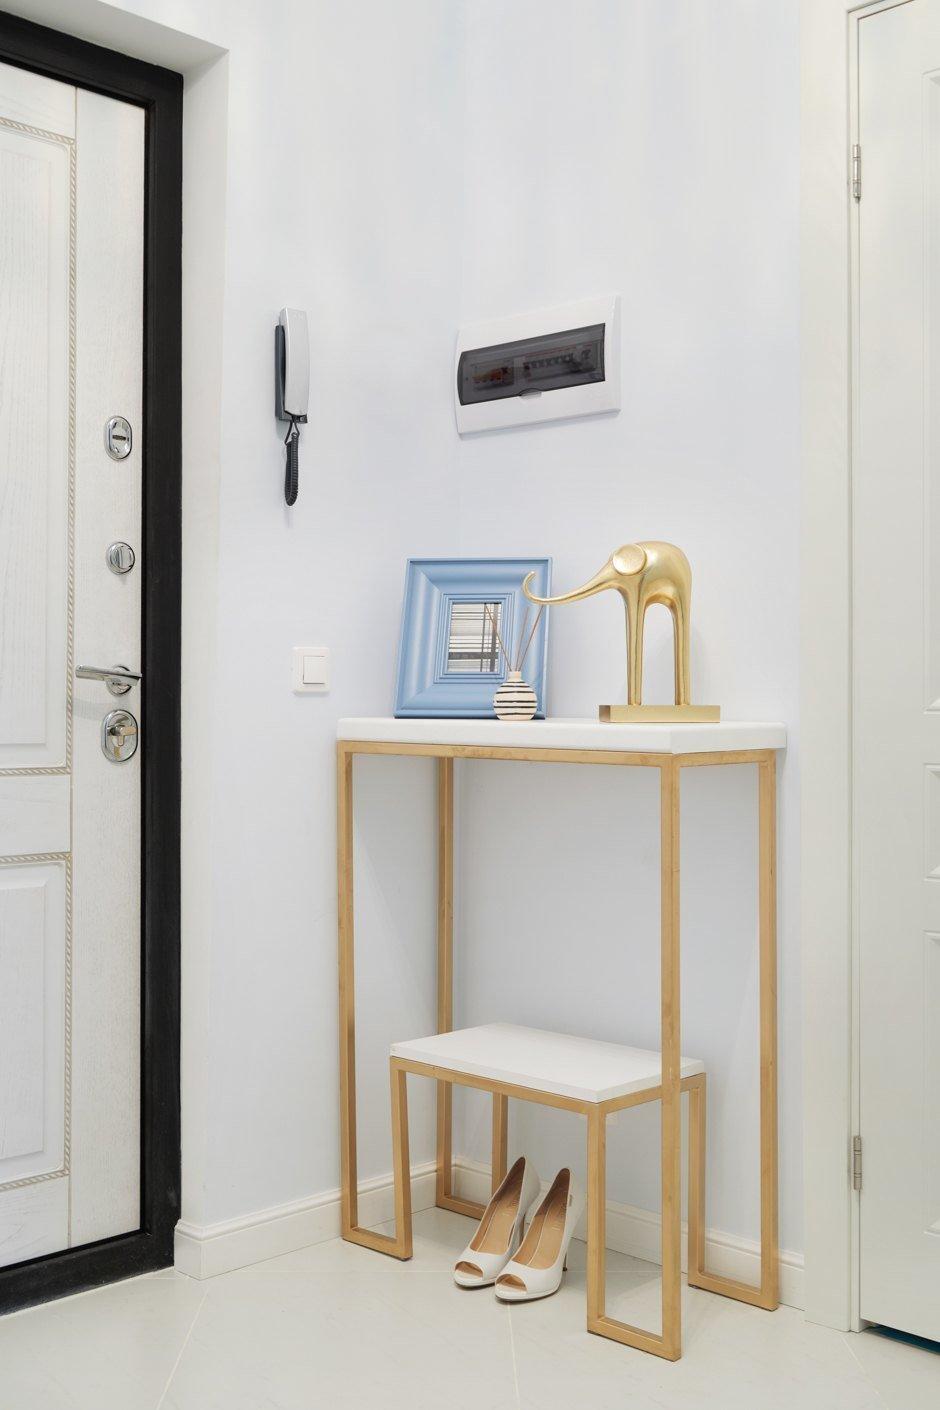 Фотография: Прихожая в стиле Эклектика, Кухня и столовая, Ванная, Спальня, Балкон, Проект недели, Желтый, Синий, Голубой, 1 комната, до 40 метров, ПРЕМИЯ INMYROOM – фото на INMYROOM